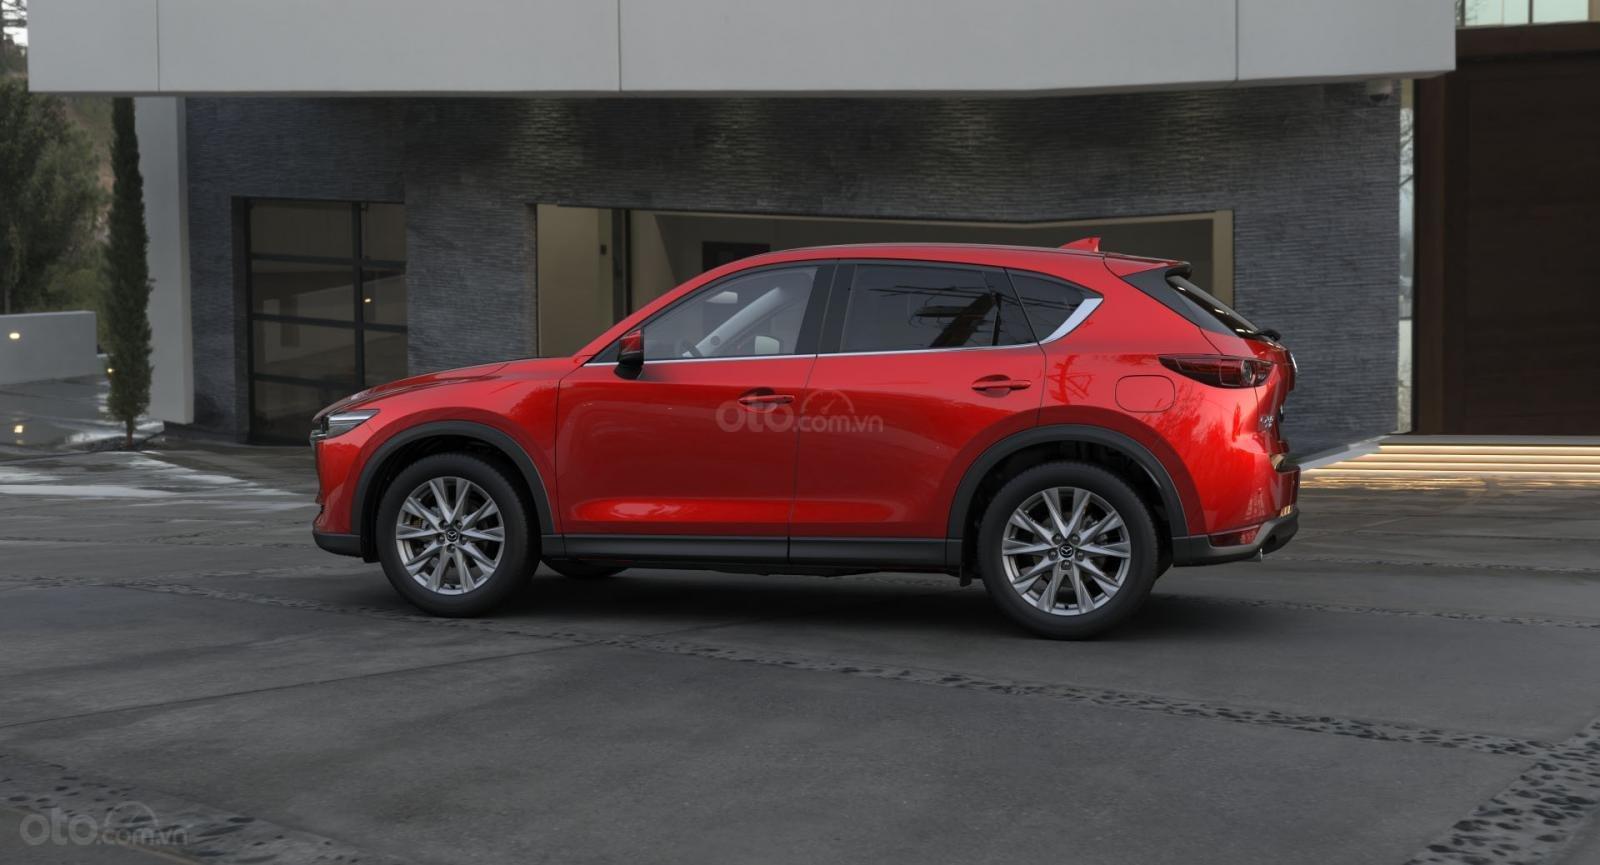 Mazda Phú Mỹ Hưng - New Mazda CX 5 2.0 Deluxe 2020, giá 844 triệu và ưu đãi tháng 03 (2)